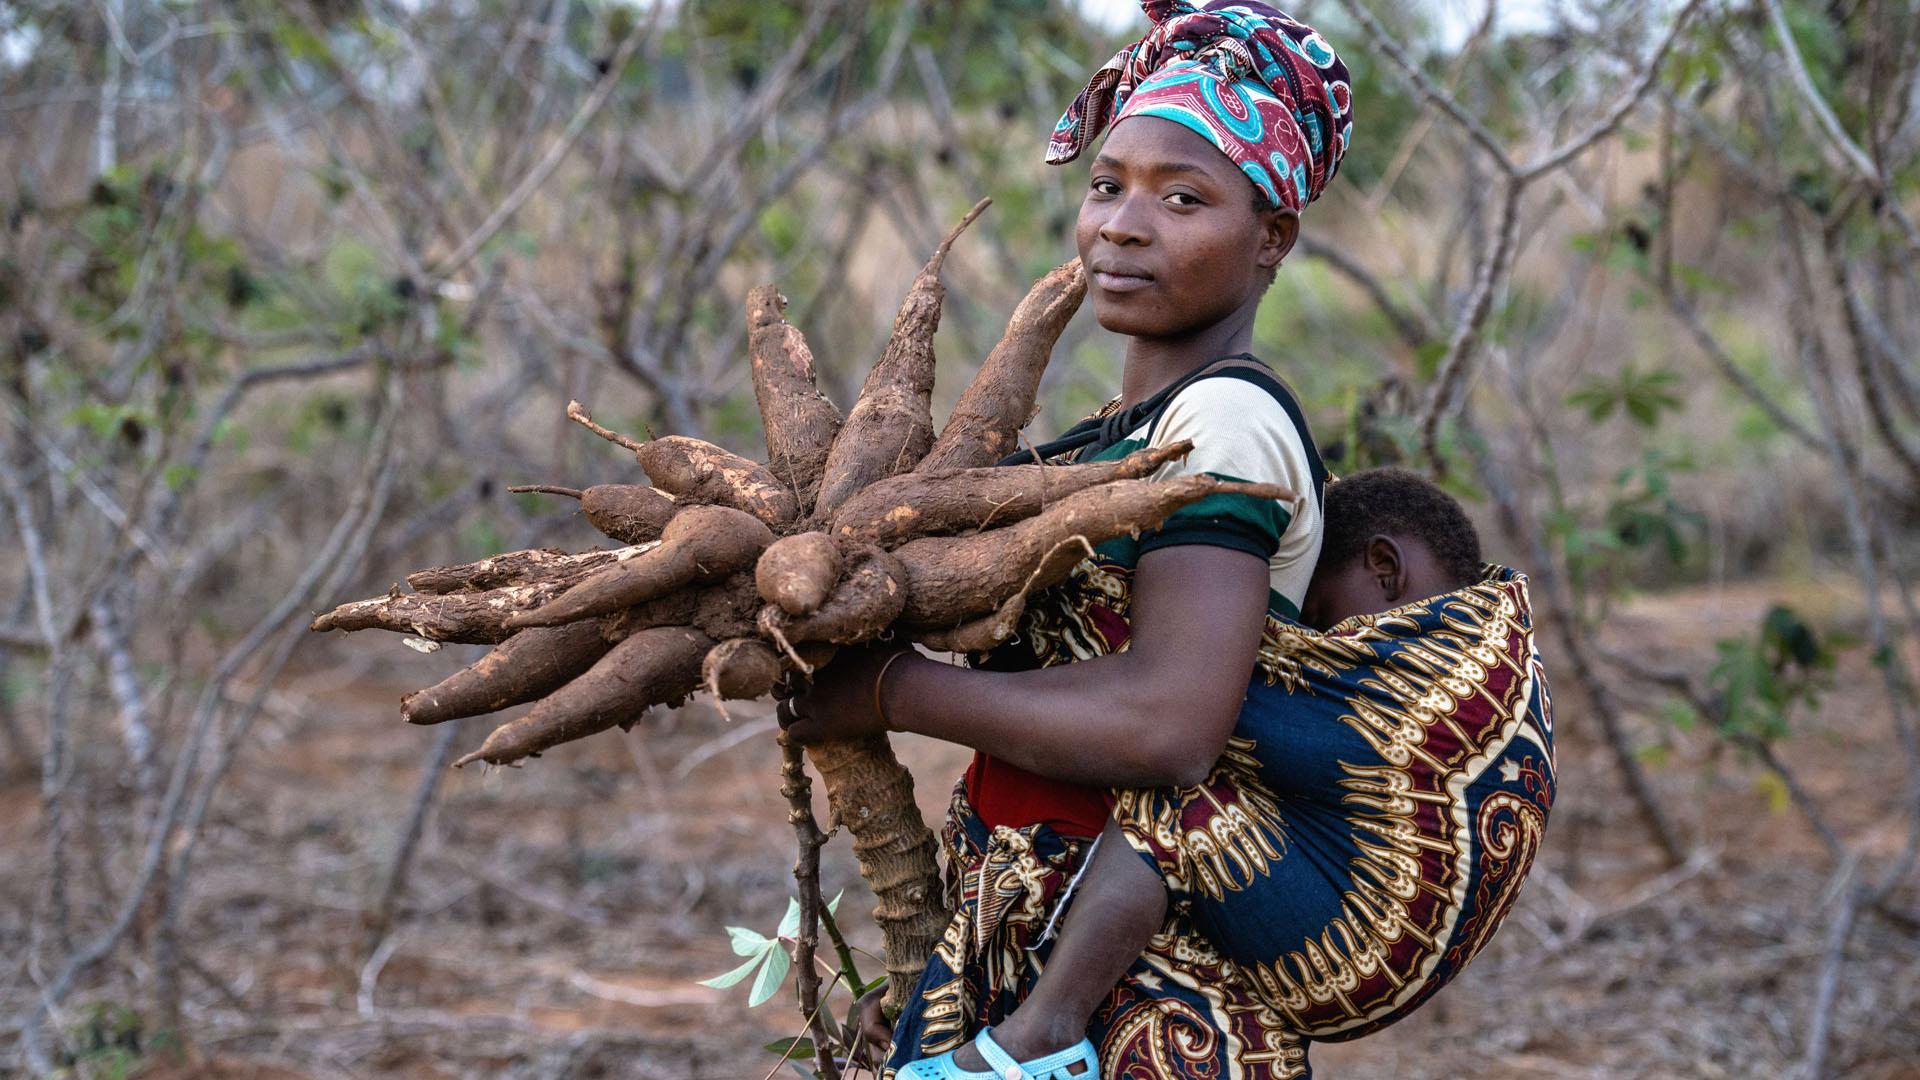 Die Firma Philafrica will afrikanische Lebensmittel verarbeiten und heimische Bauern unterstützen